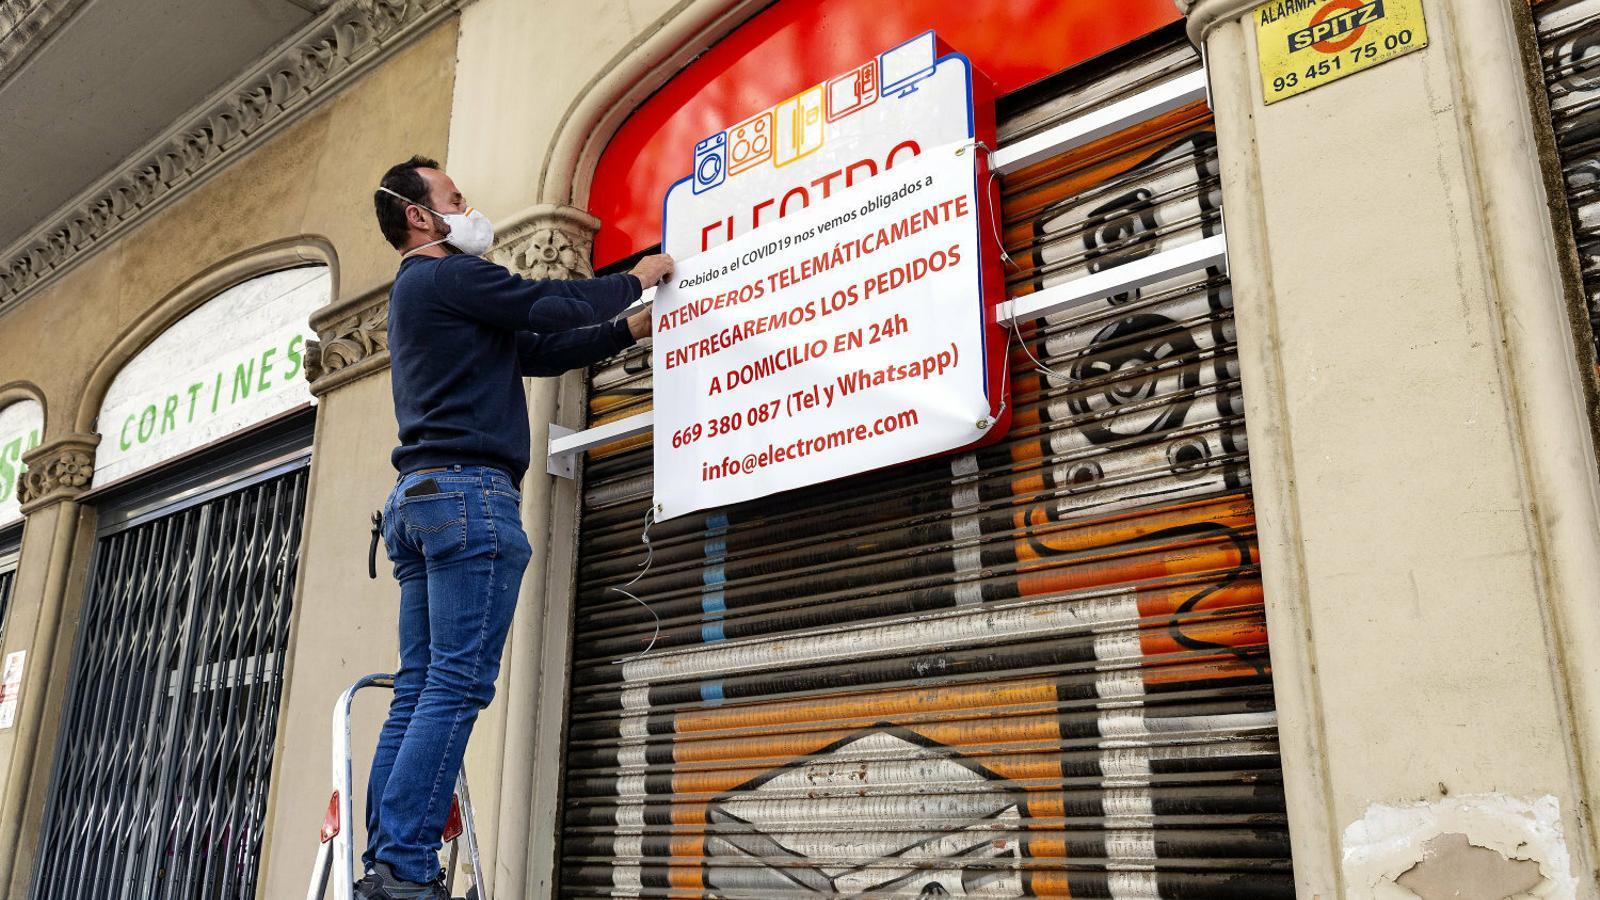 L'Ajuntament de Barcelona donarà 300 euros als autònoms més afectats pel confinament